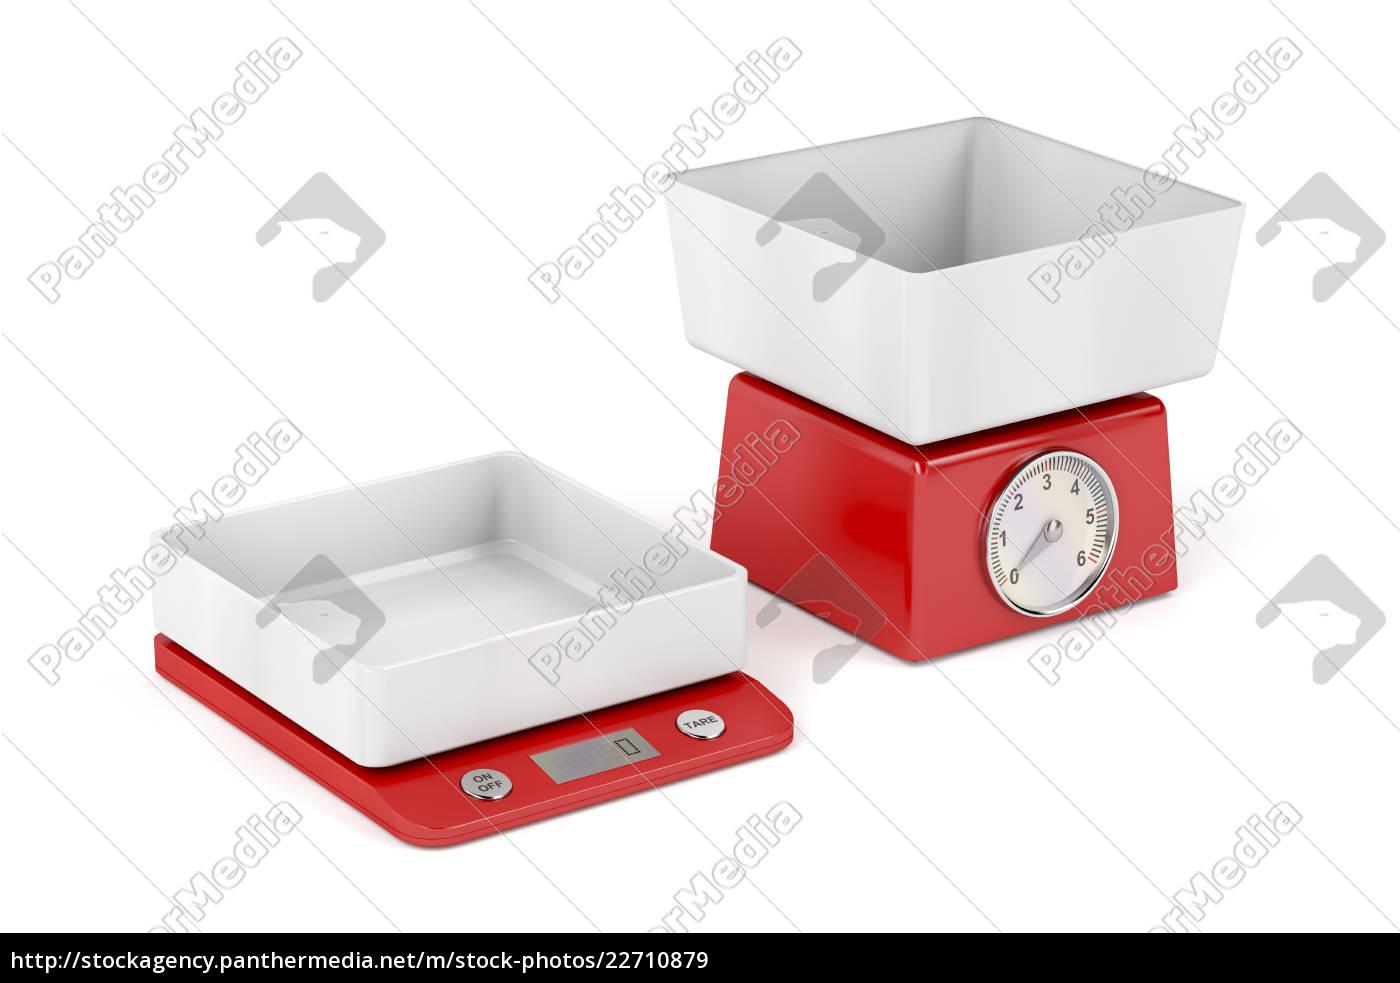 küchenwaage - 22710879